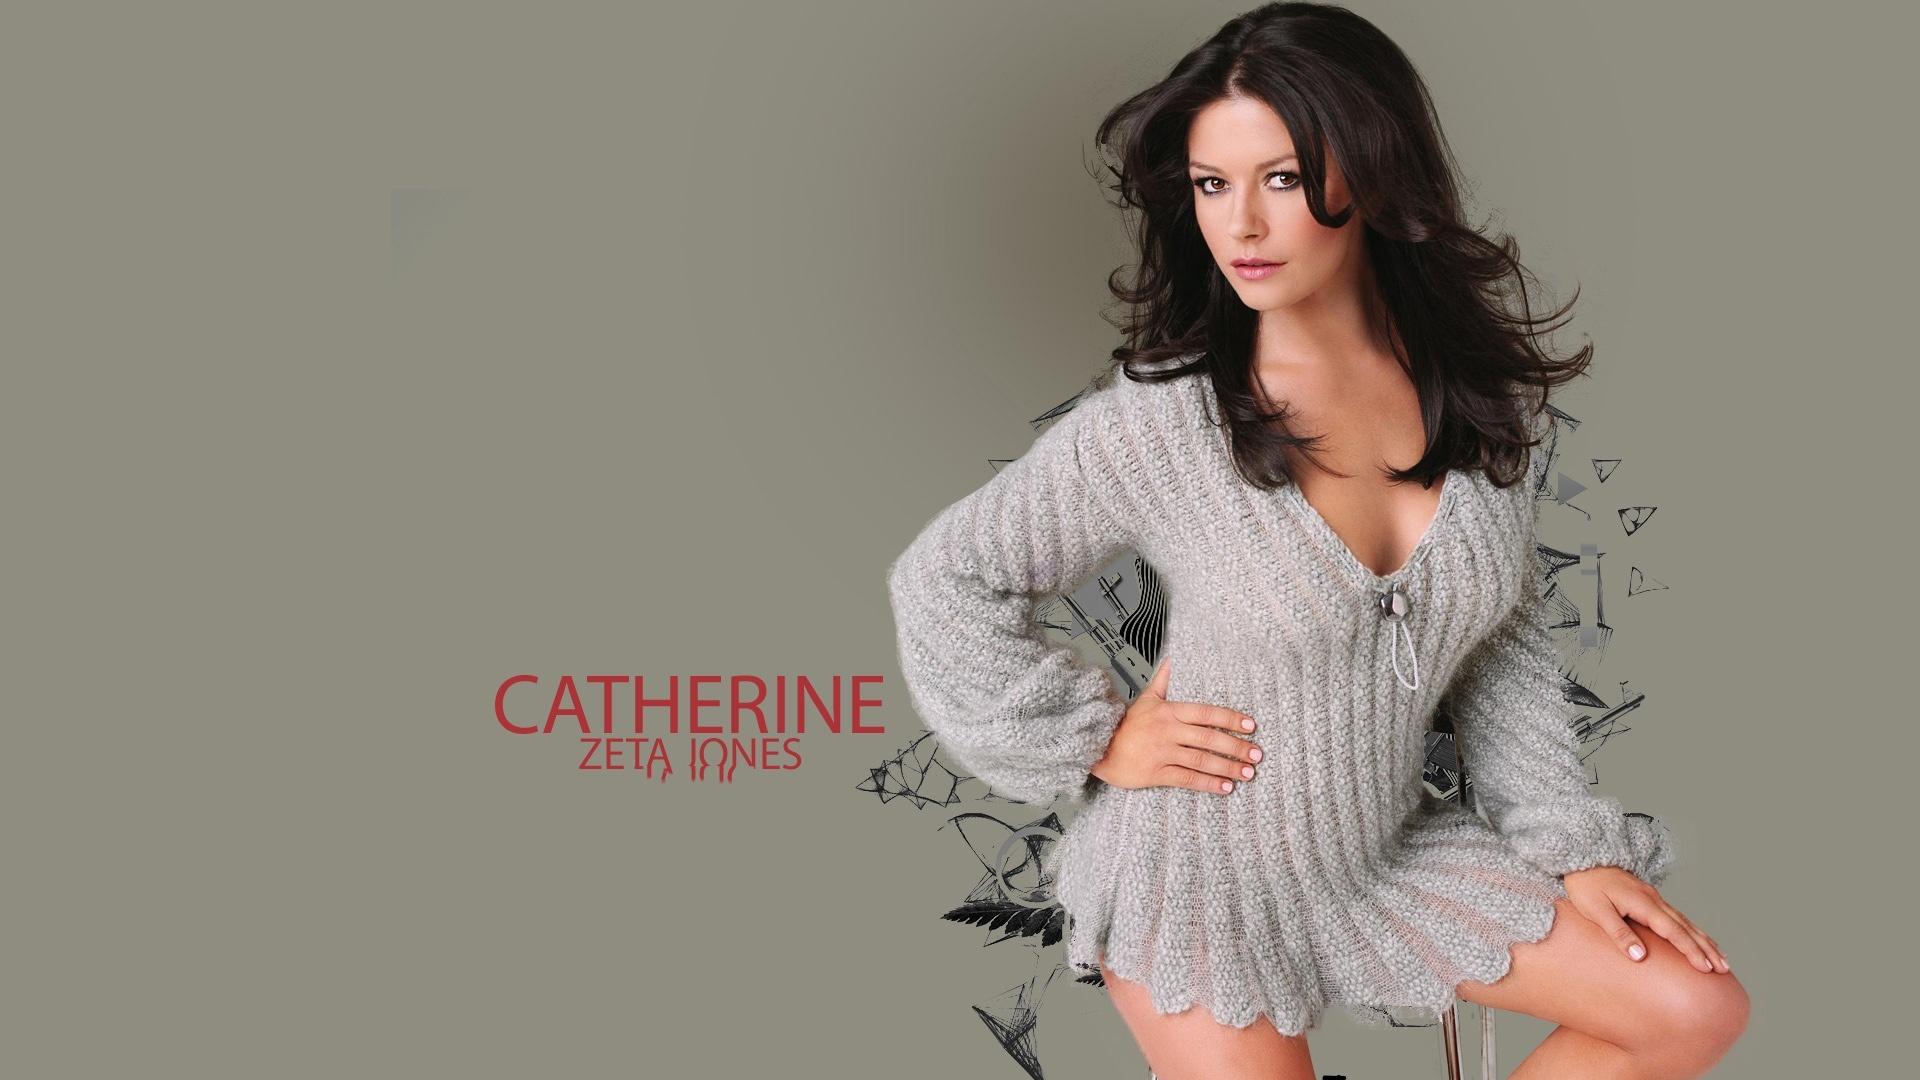 http://4.bp.blogspot.com/-Gz9Y2uOU-XQ/UNiSwWQkcPI/AAAAAAAATCA/T14gMbz1BNA/s0/catherine-zeta-jones-celebrities-1920x1080.jpg